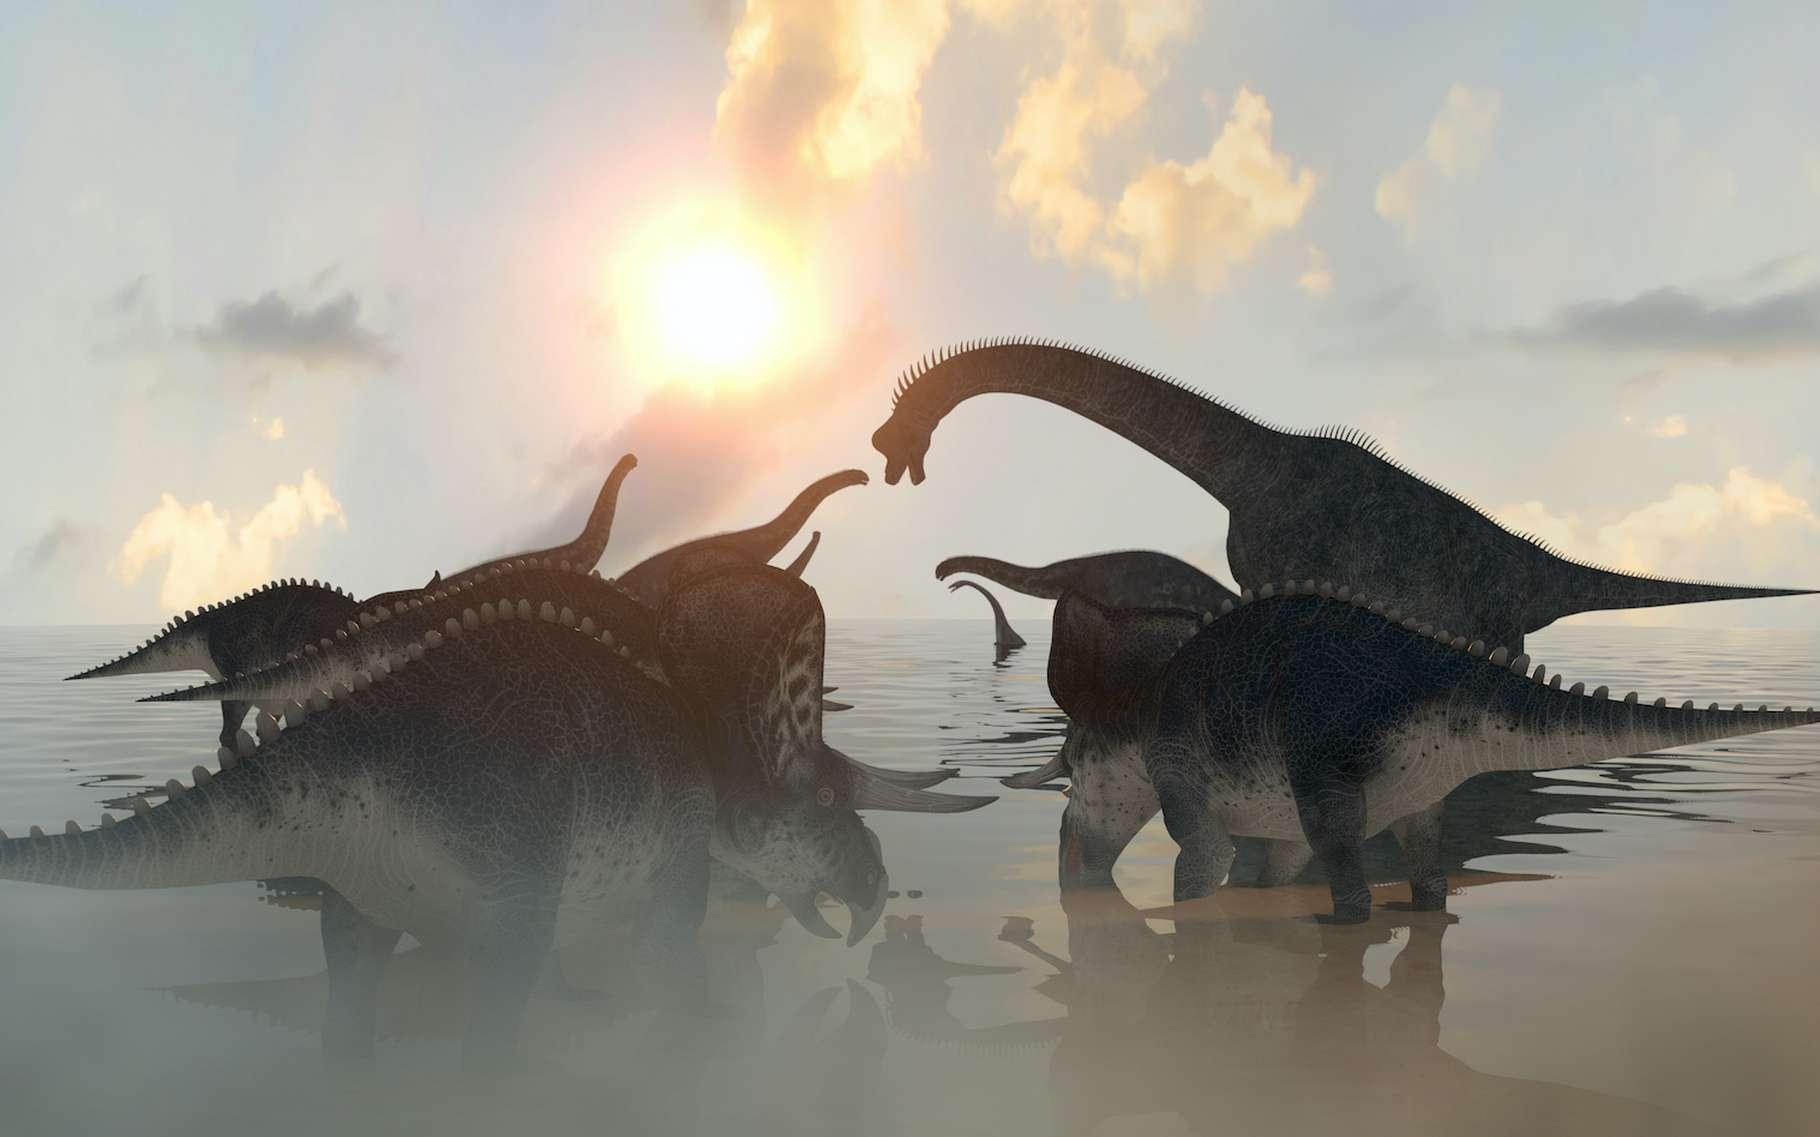 Selon les travaux d'une équipe franco-anglo-canadienne, les grands dinosaures herbivores ont commencé à décliner environ 10 millions d'années avant que la météorite qui mènera à leur extinction heurte notre Terre. En cause, une chute brutale des températures. © denissimonov, Adobe Stock